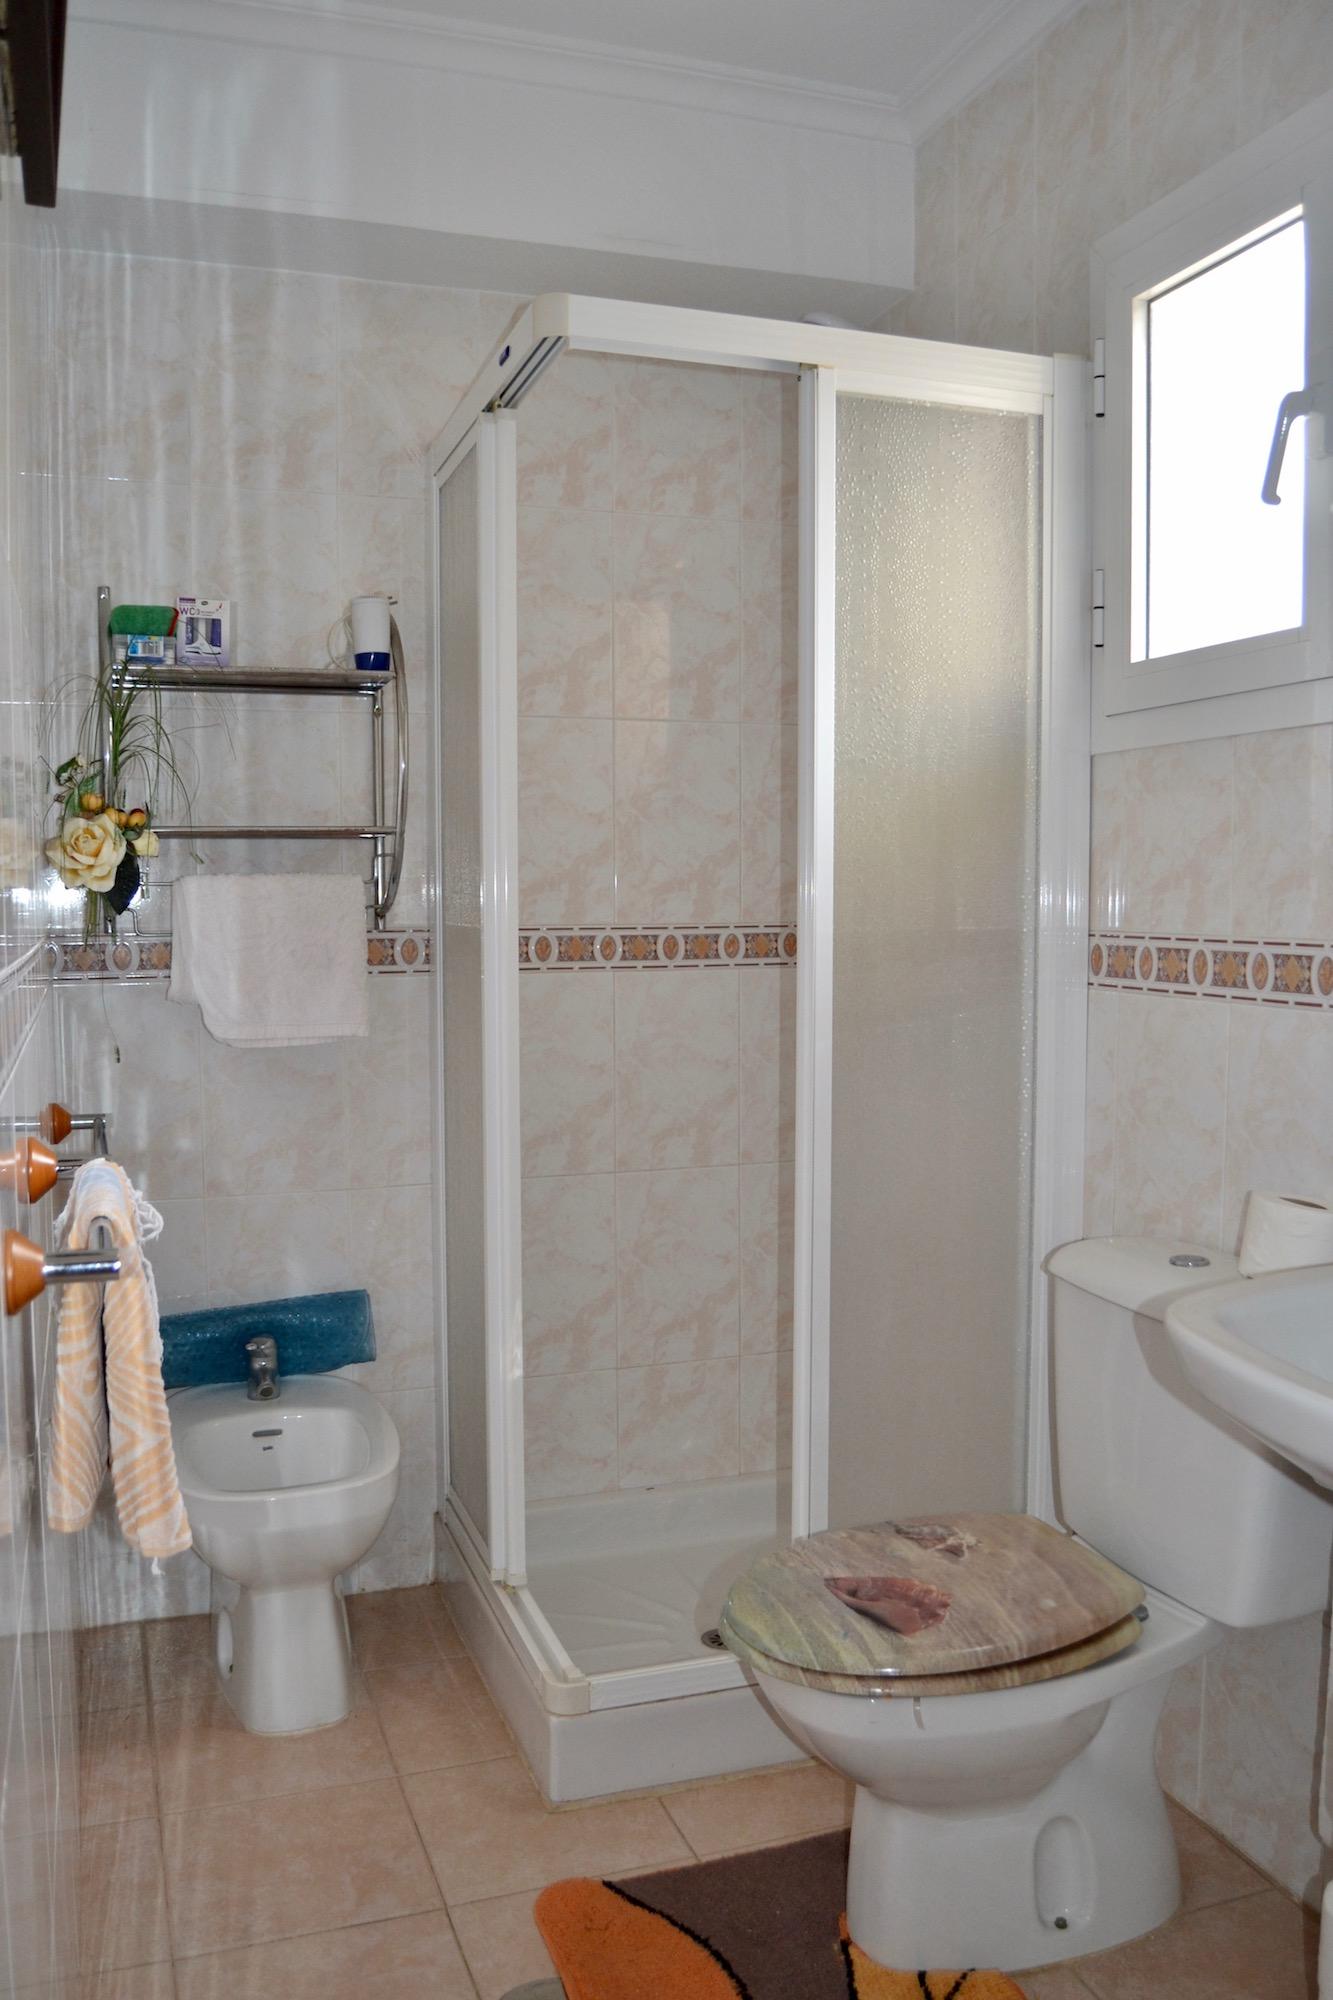 Bathroom (Click to enlarge)